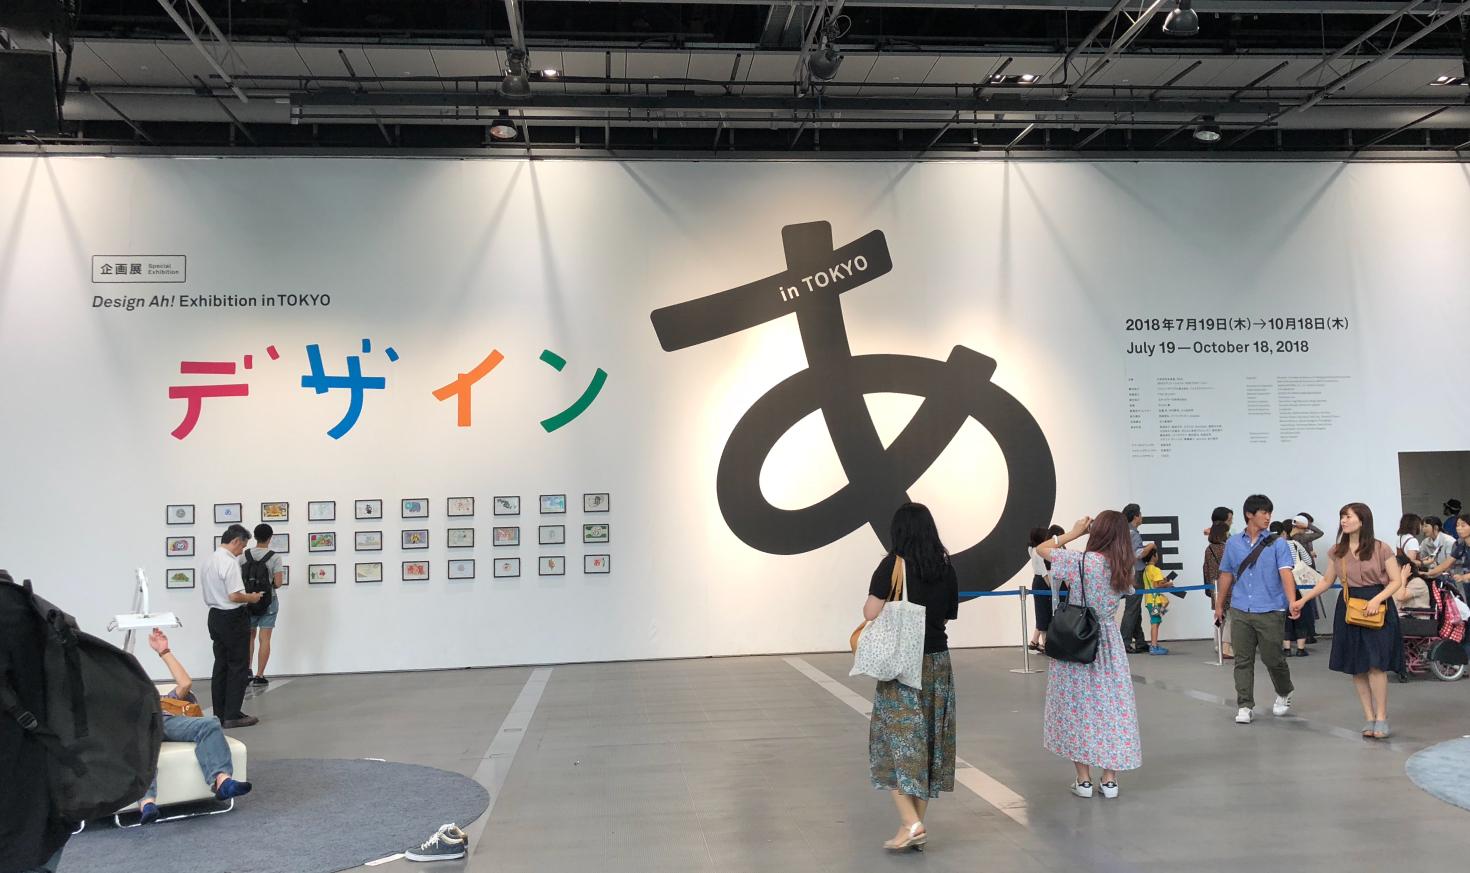 5年ぶりの「デザインあ展 in TOKYO」  展示作品よりも心に残ったもの